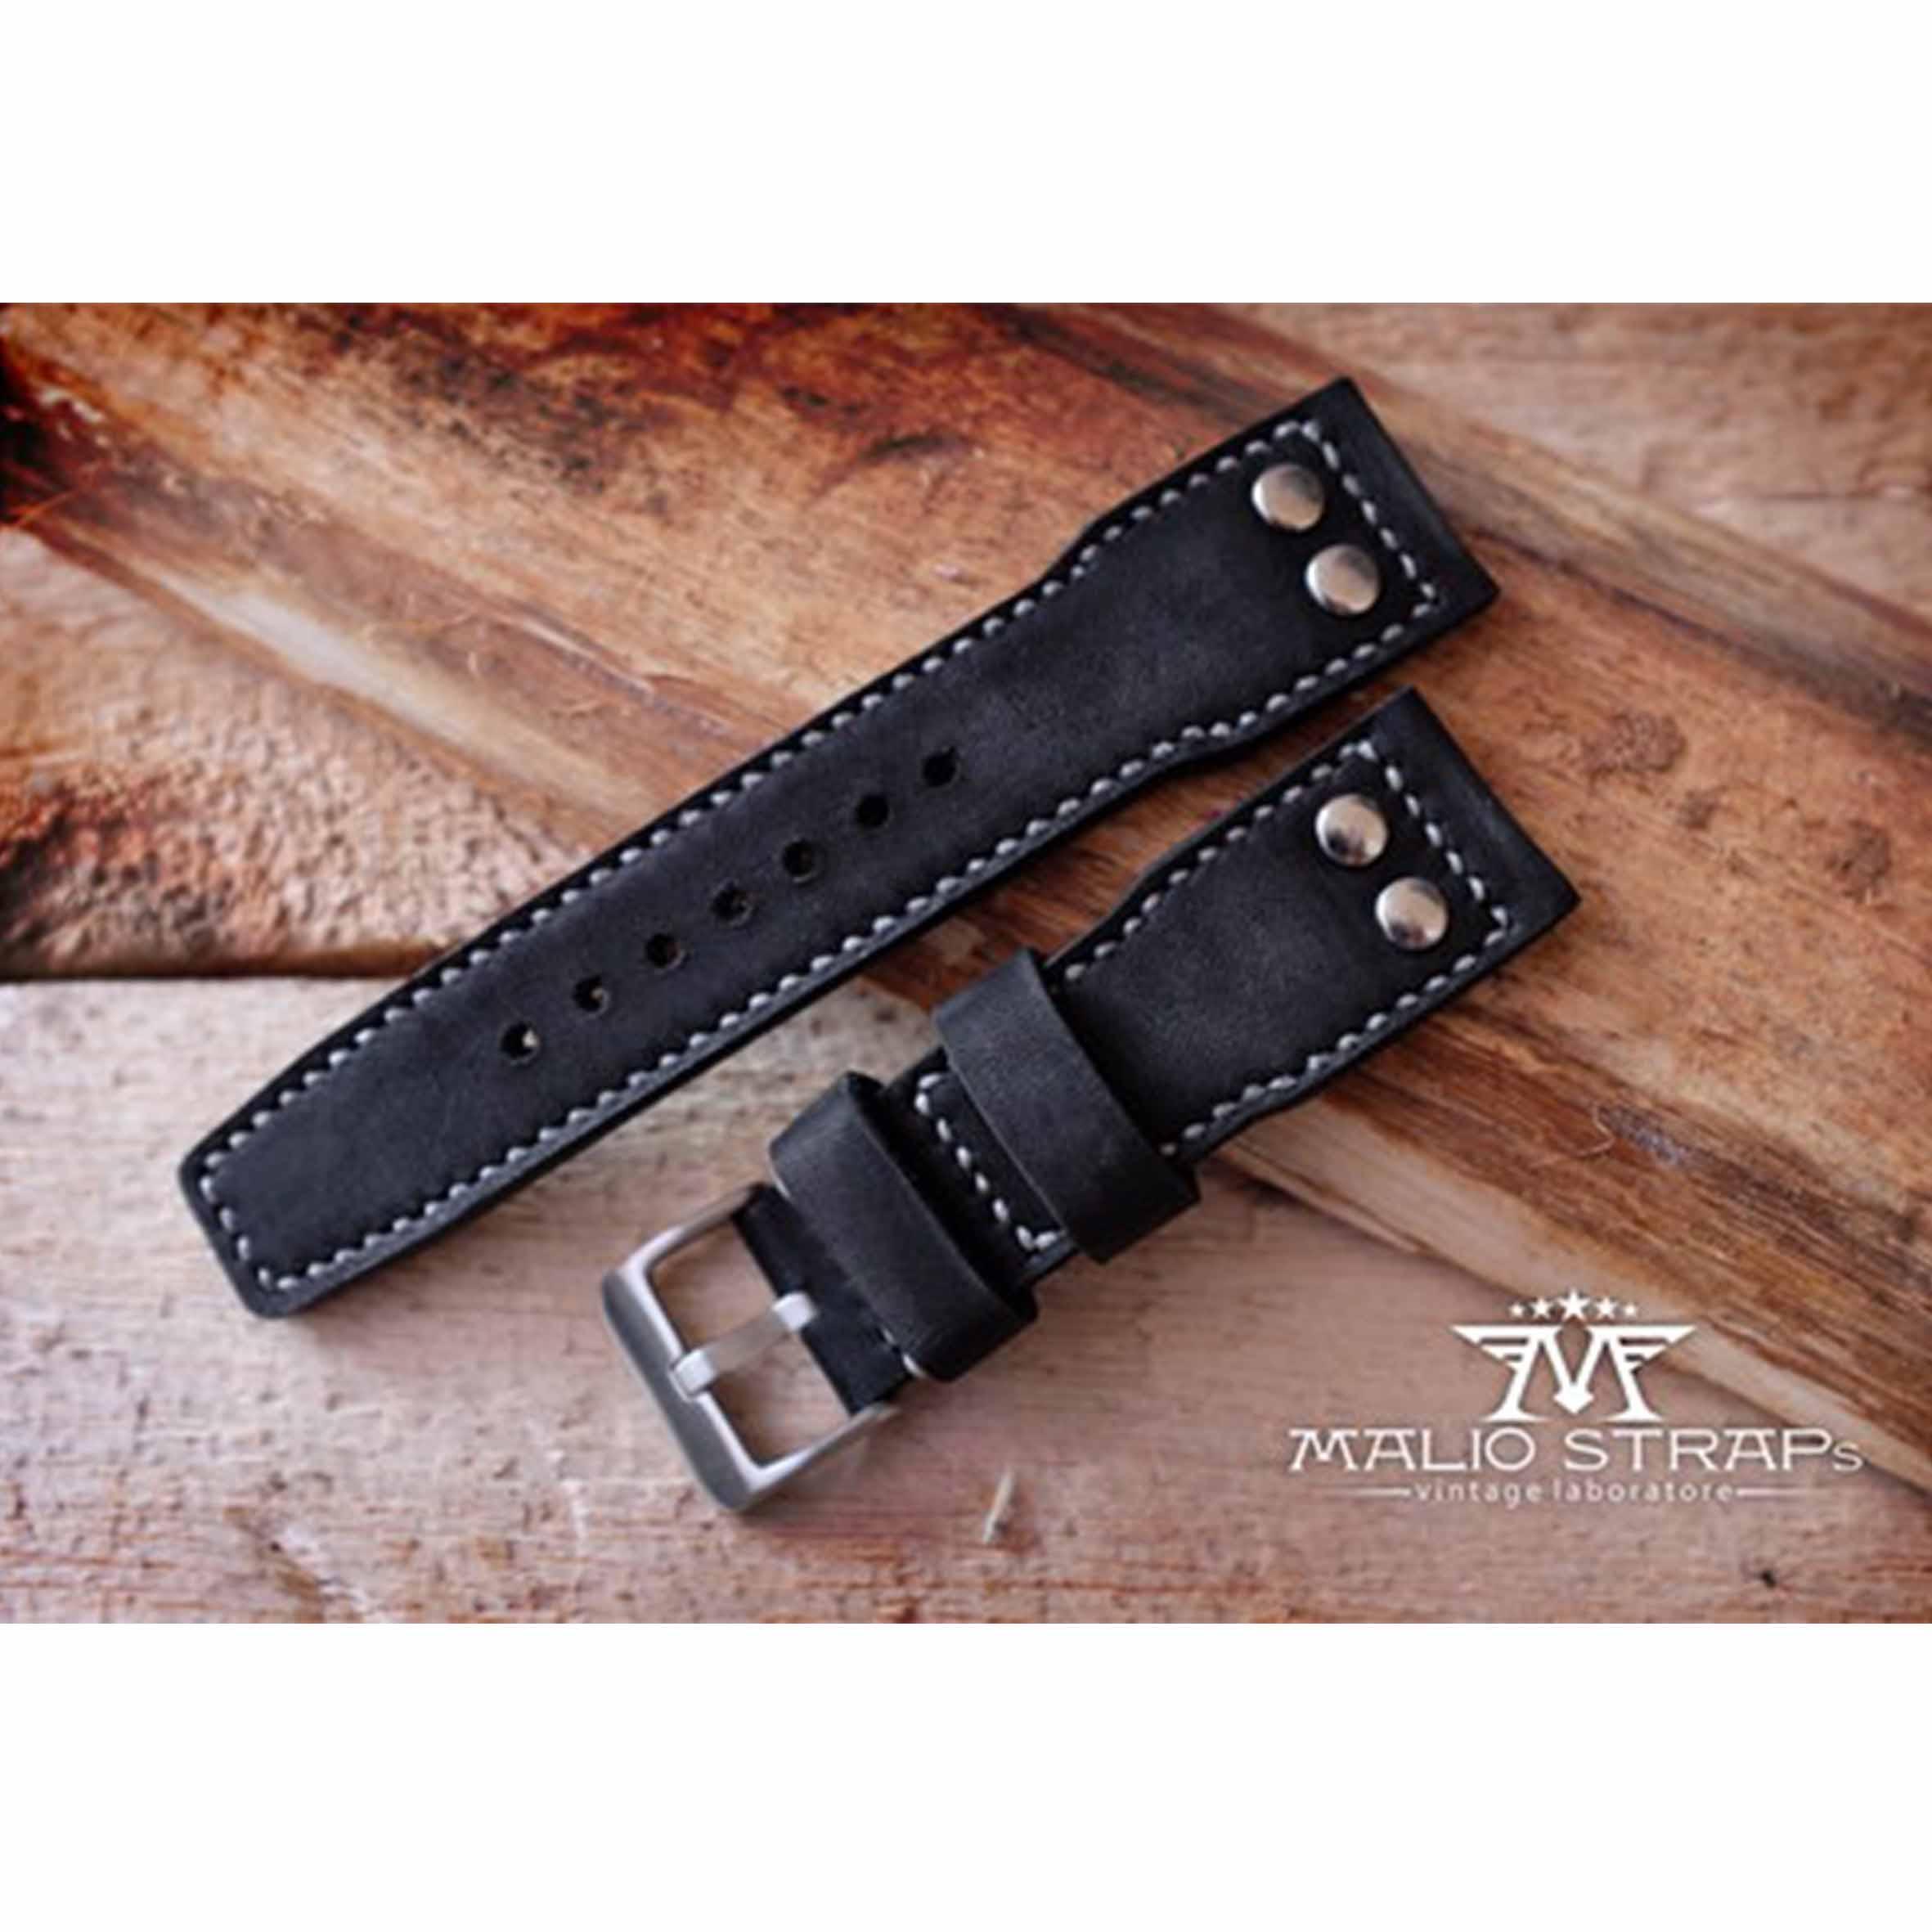 malio-straps-pillota-strapsonly (1)